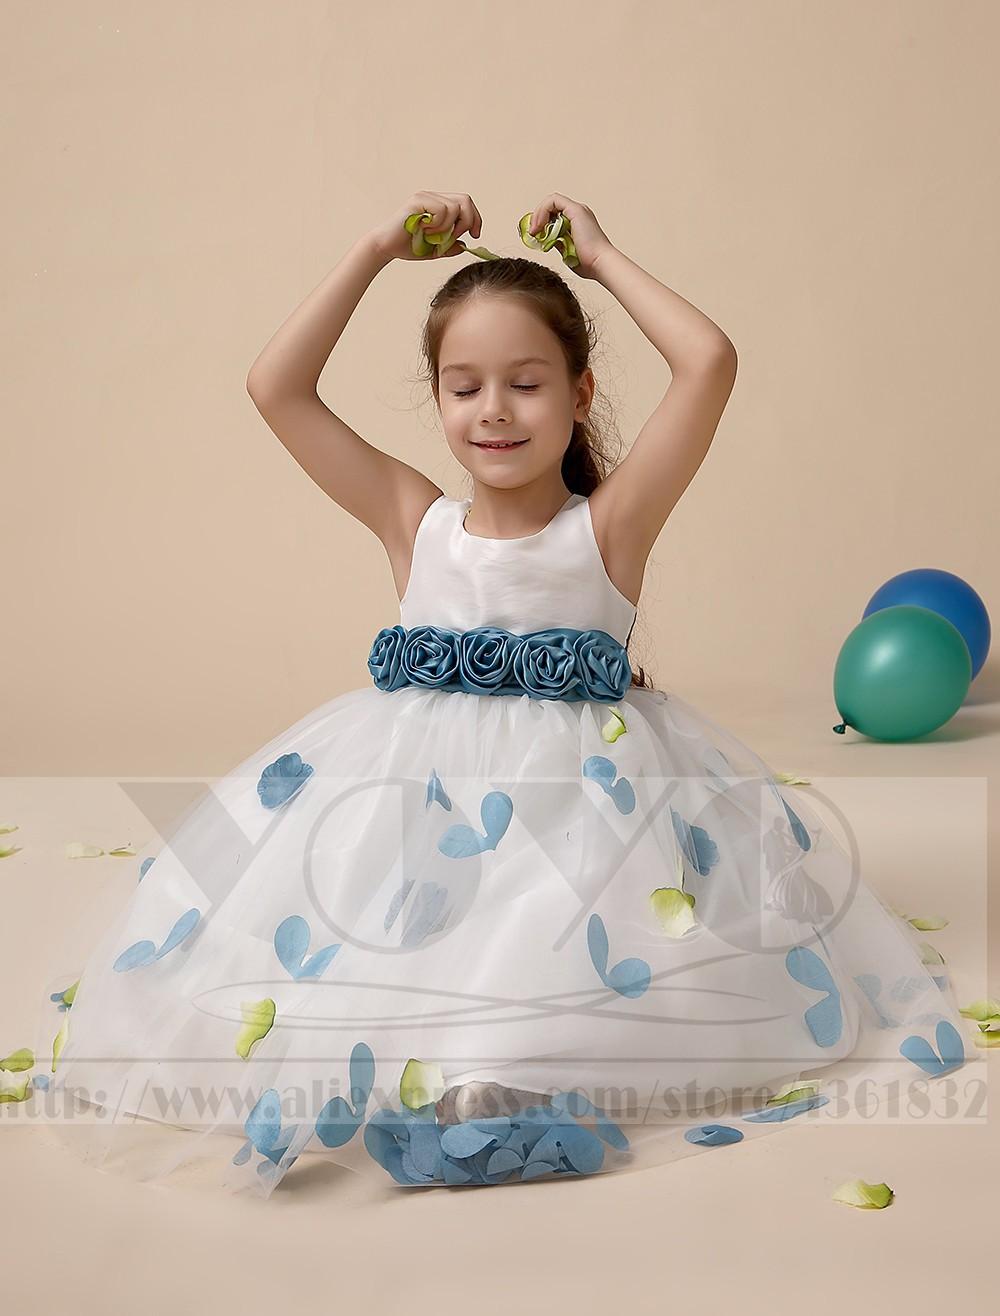 Скидки на Тюль платье-линии кот маленькие девочки платья с серо-синий створки свадебные ну вечеринку дети девочки платья торжества платья